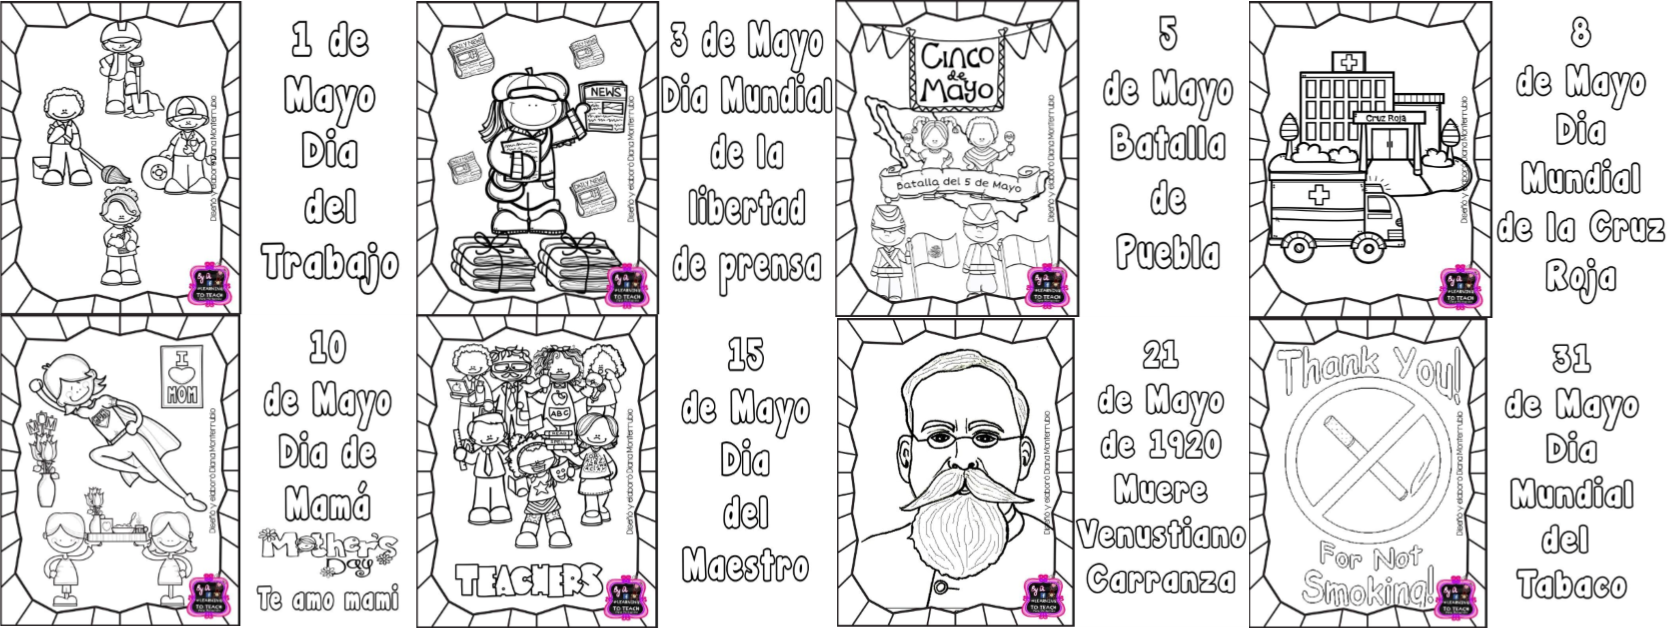 Bonito Cinco De Mayo Para Colorear Imagen - Dibujos Para Colorear En ...